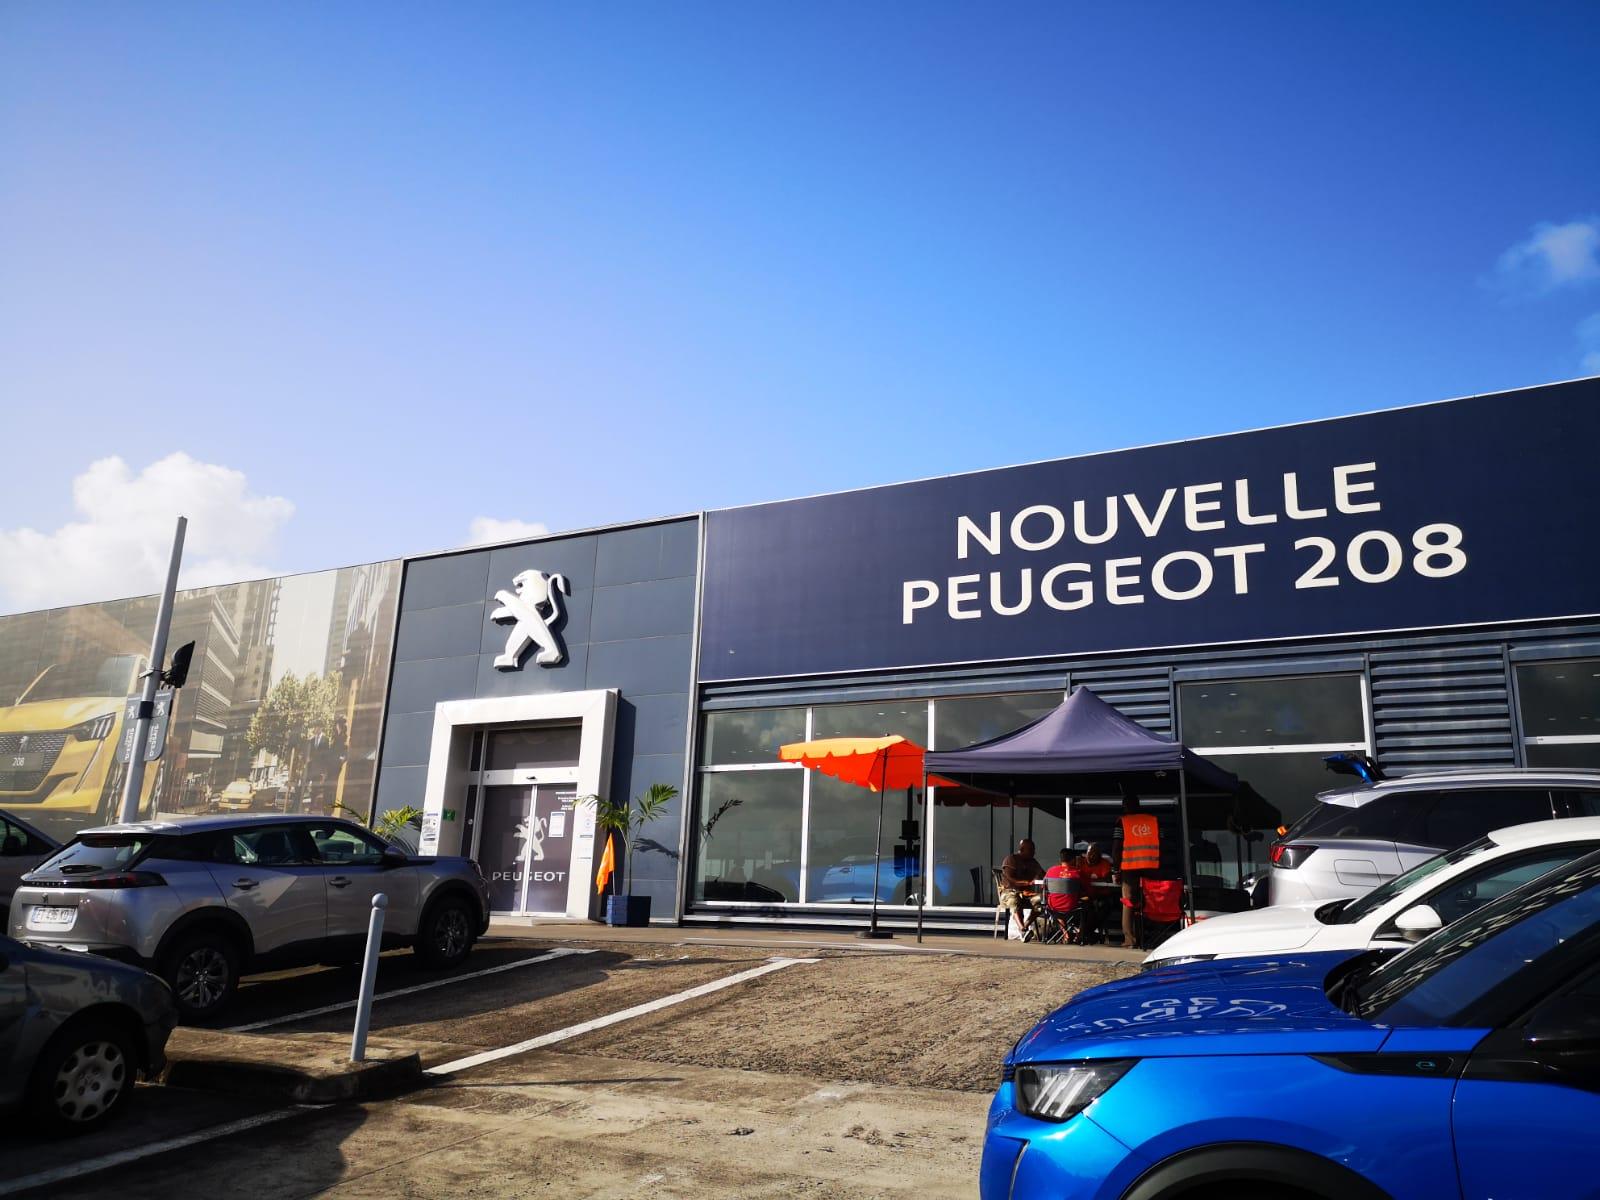 Le conflit est terminé à Peugeot - Blue Automobiles